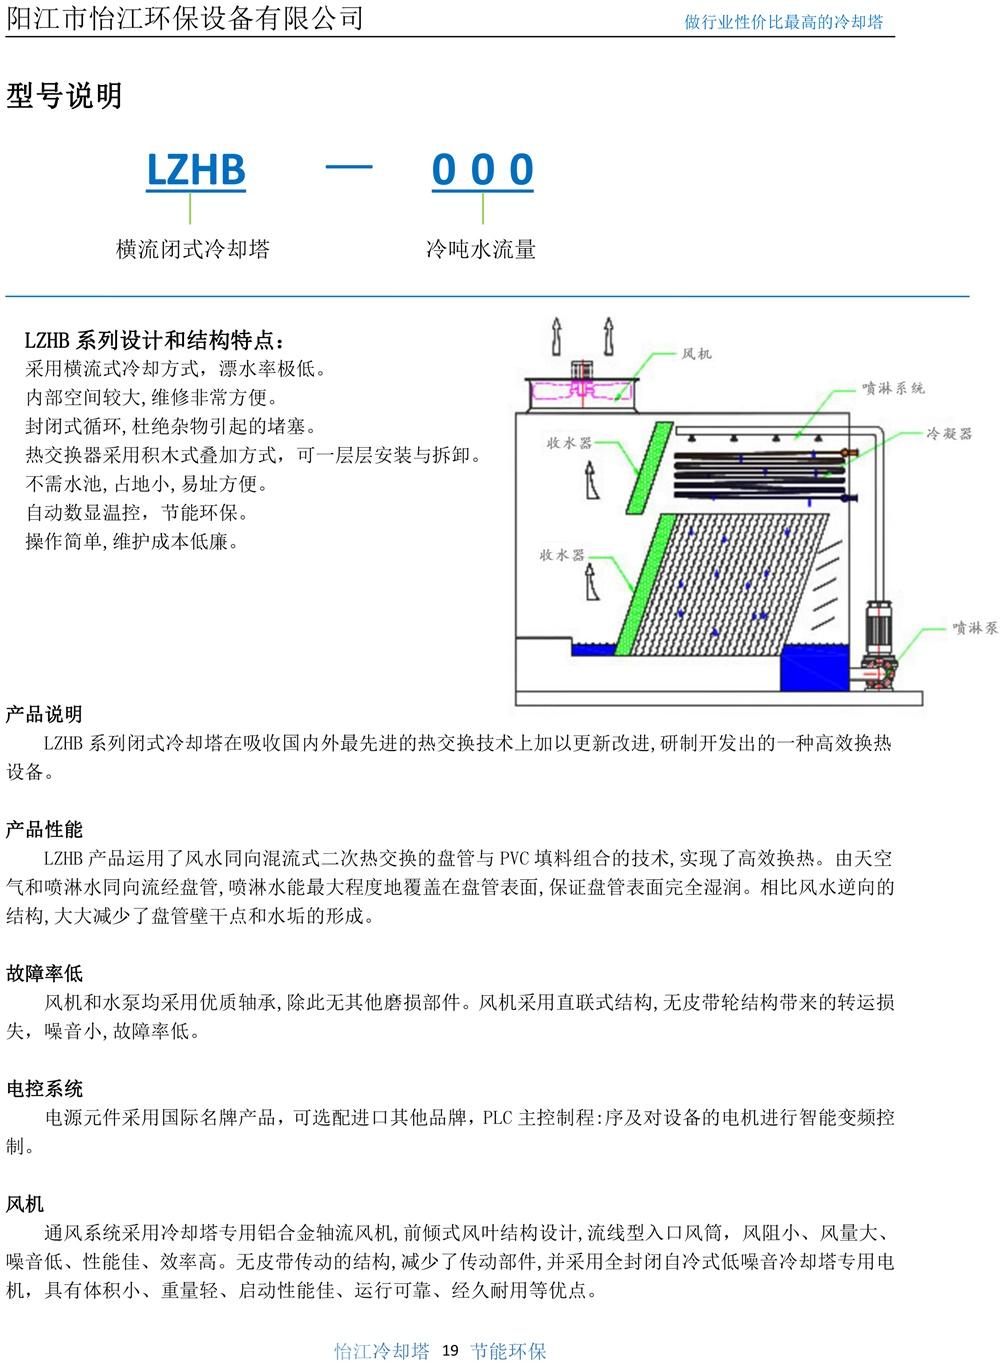 產品手冊(彩頁)3-19.jpg